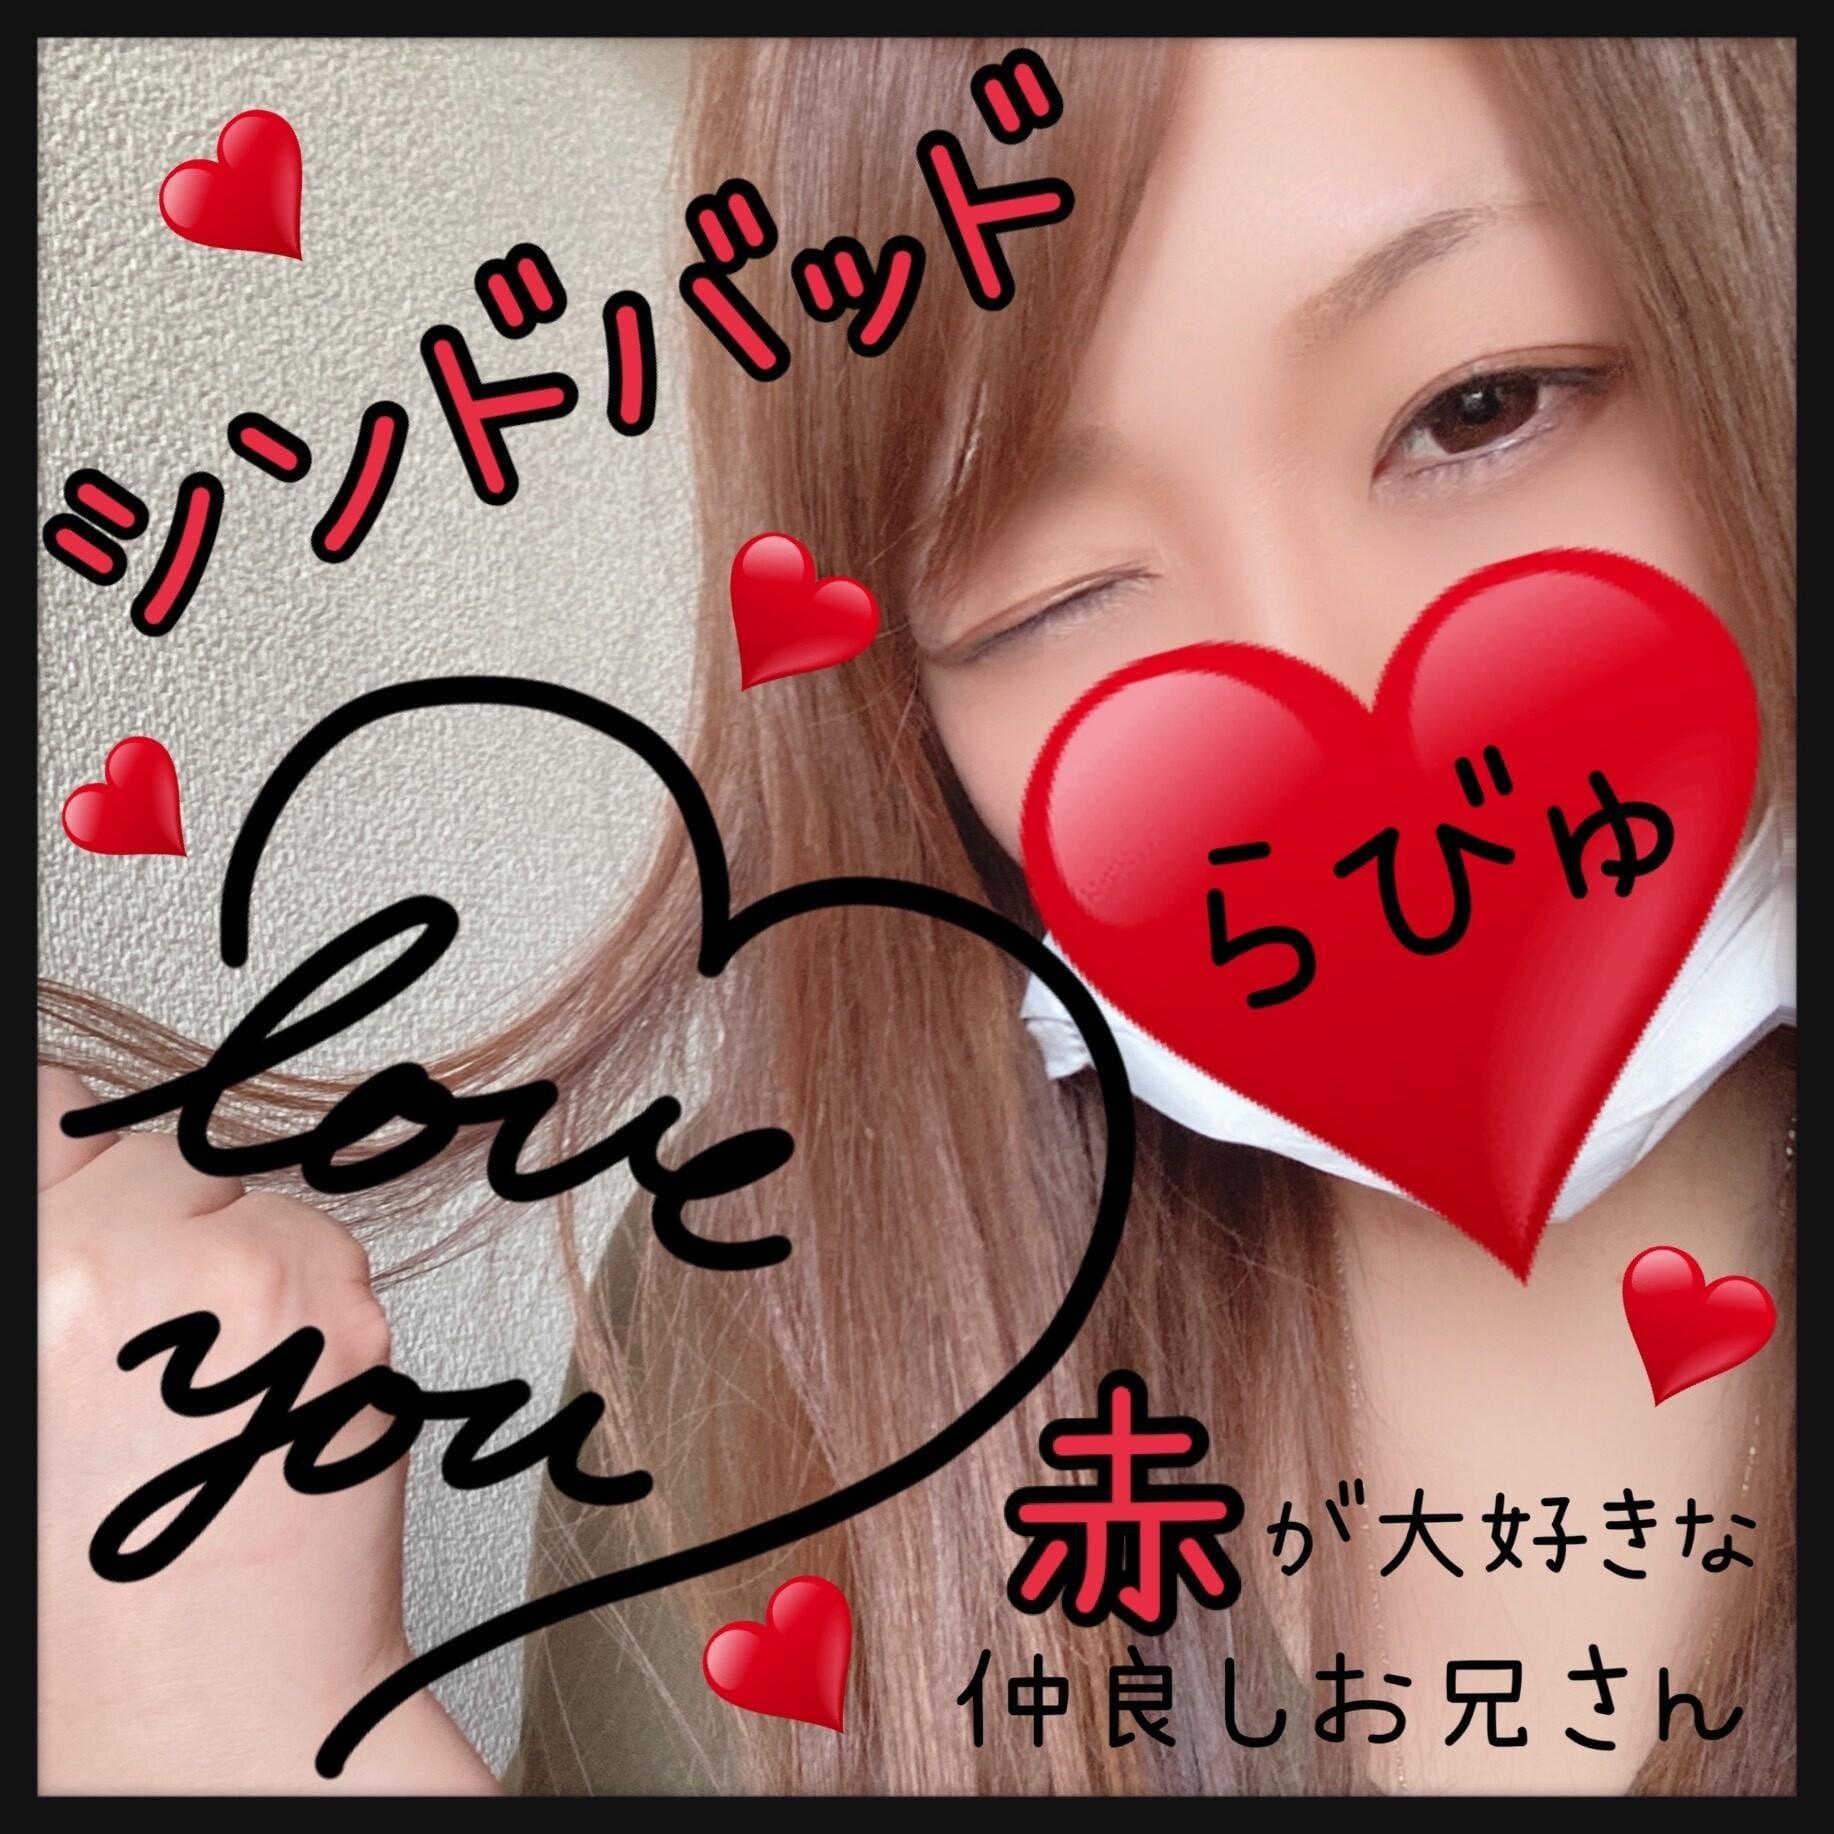 「昨日のお礼/赤とスーツが似合うお兄ちゃん」09/24(金) 11:28 | かなの写メ